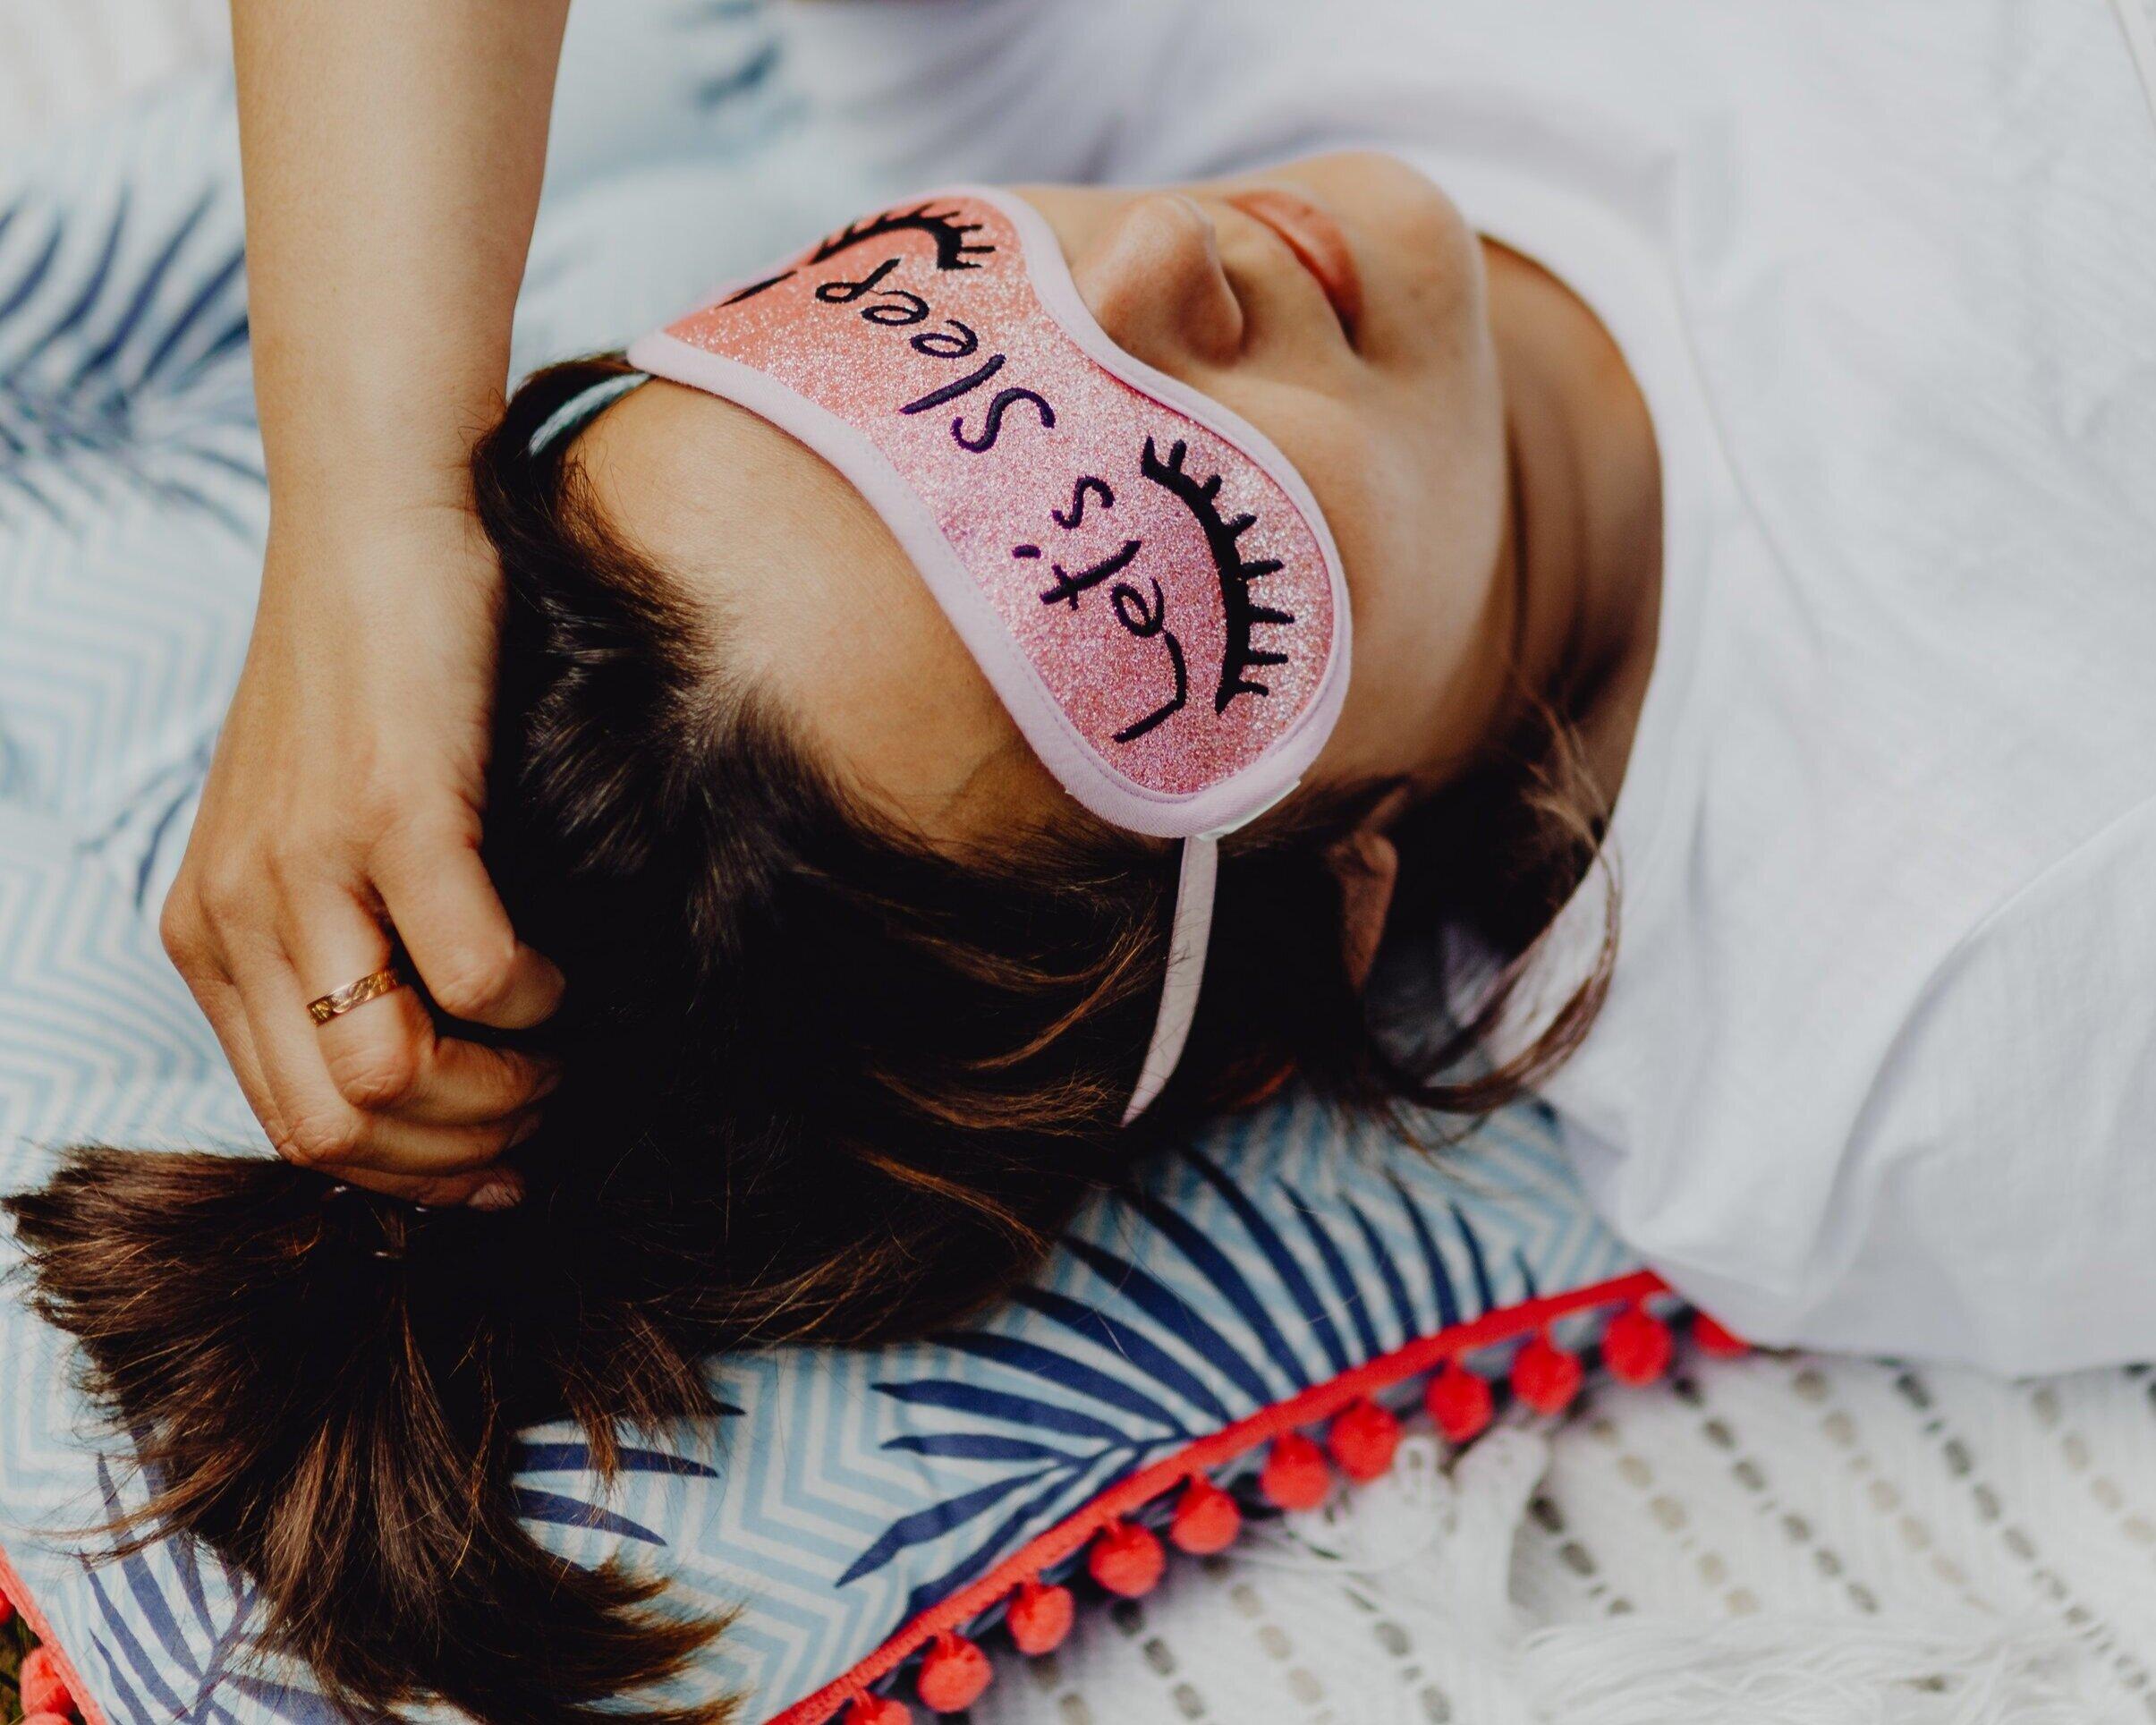 kaboompics_Joyful+girl+relaxing+in+bedroom+-+top+view+of+brunette+women+in+pink+sleeping+mask+%281%29+%281%29.jpg